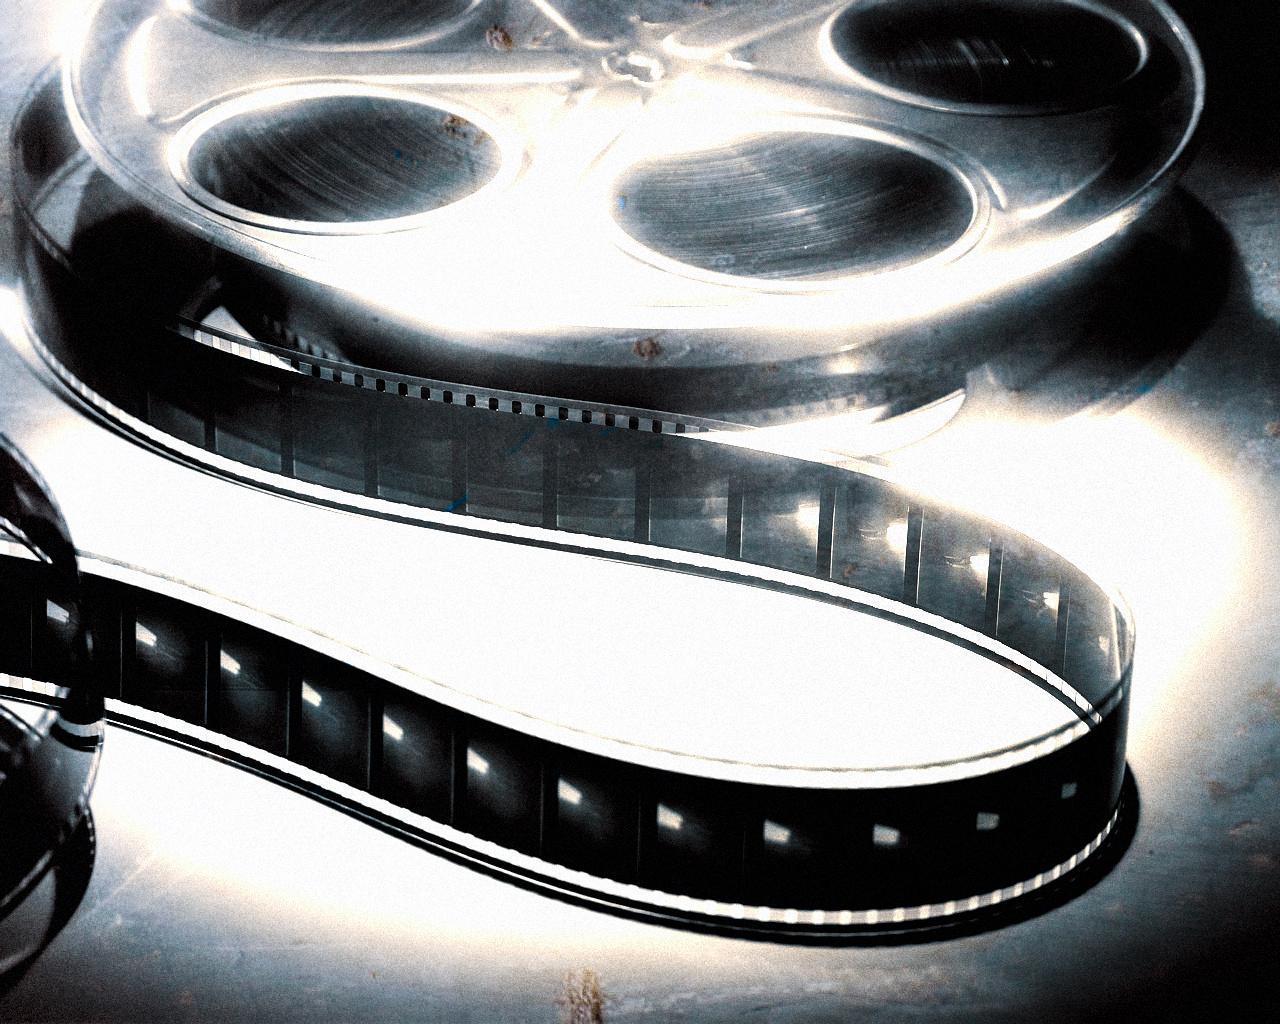 SpecchioFilm